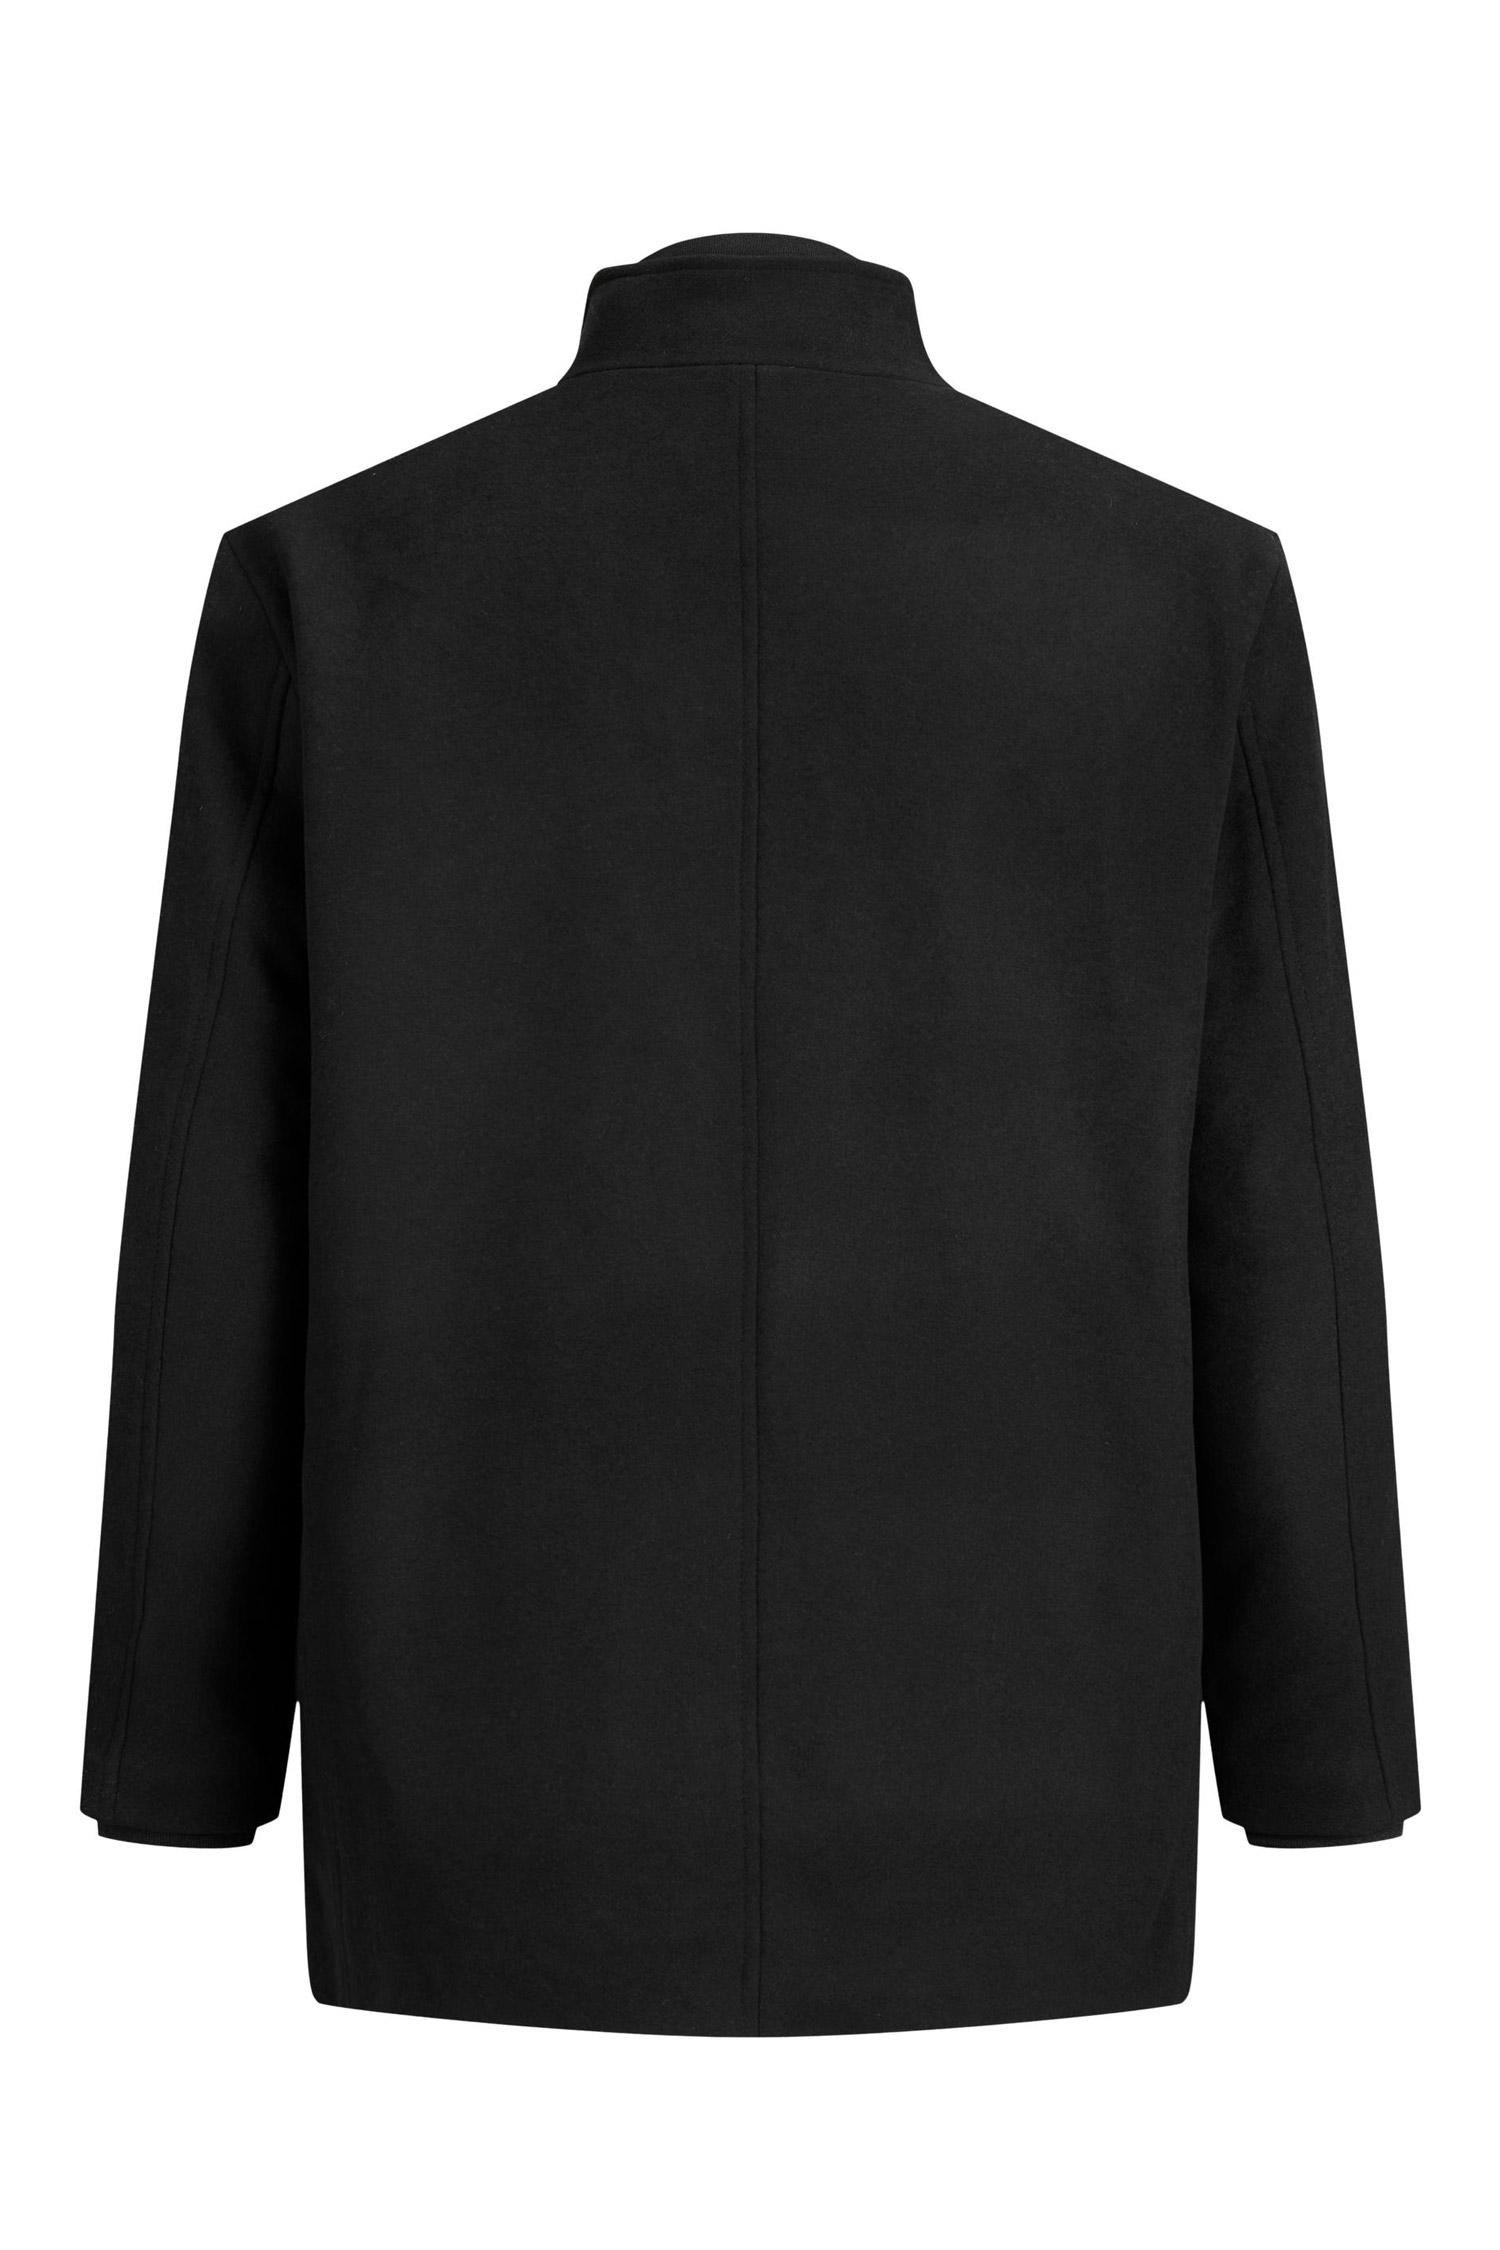 Abrigo, Chaquetones y Piel, 110135, NEGRO   Zoom